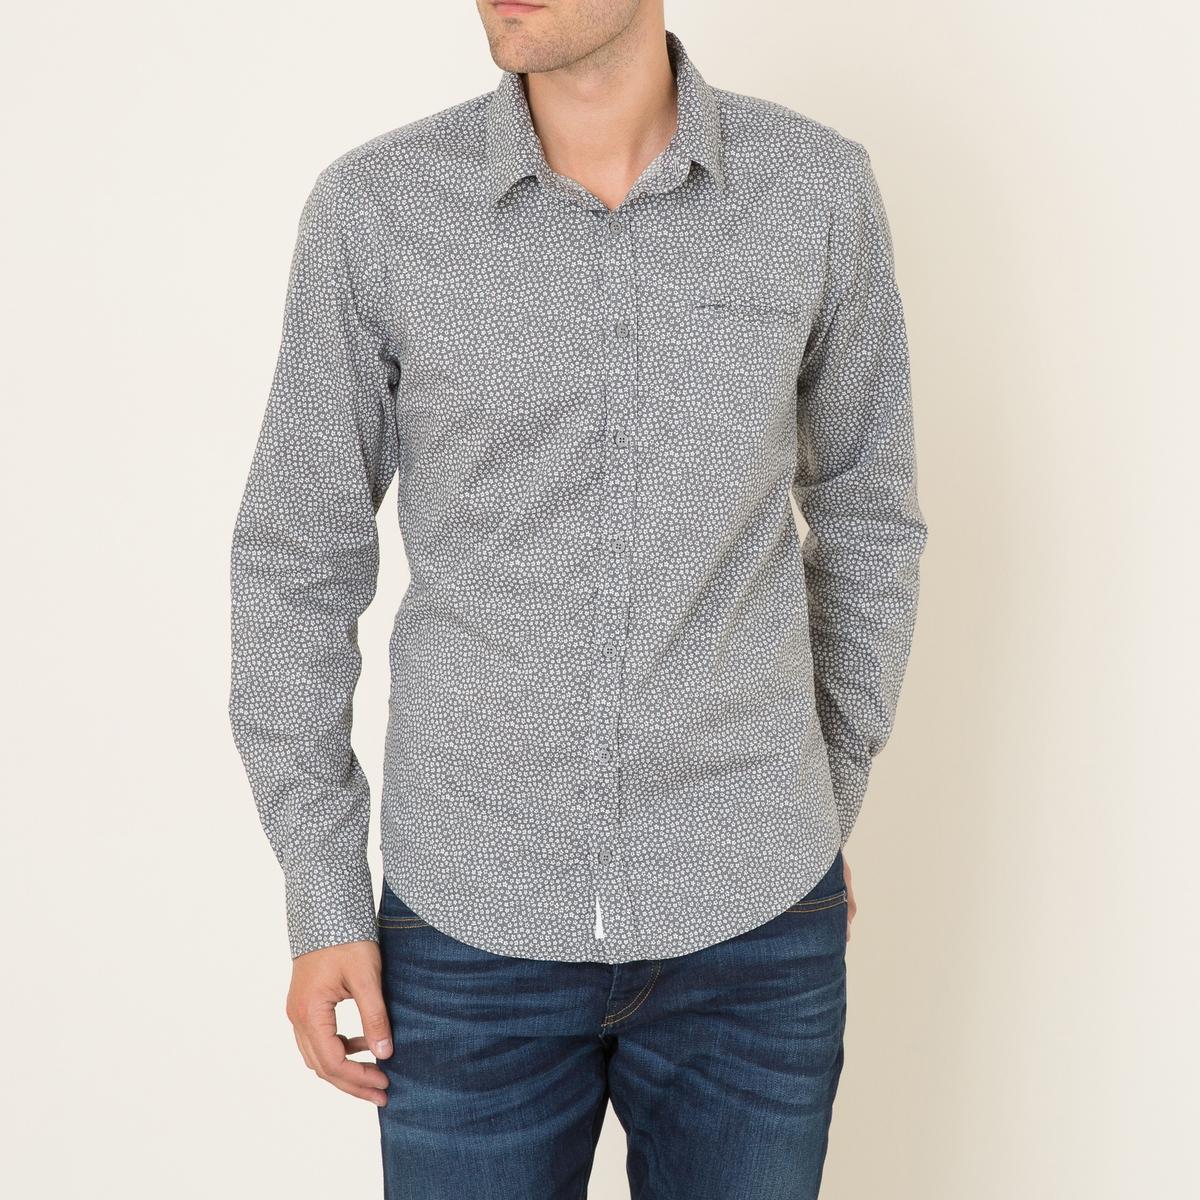 Рубашка ORLANDOРубашка HARRIS WILSON, модель ORLANDO. Классический воротник. Длинные рукава с застежкой на пуговицы. 1 нагрудный прорезной карман . Слегка закругленный низ. Сплошной цветочный рисунок.Состав и описание Материал : 97% хлопка, 3% эластанаМарка : HARRIS WILSON<br><br>Цвет: серый